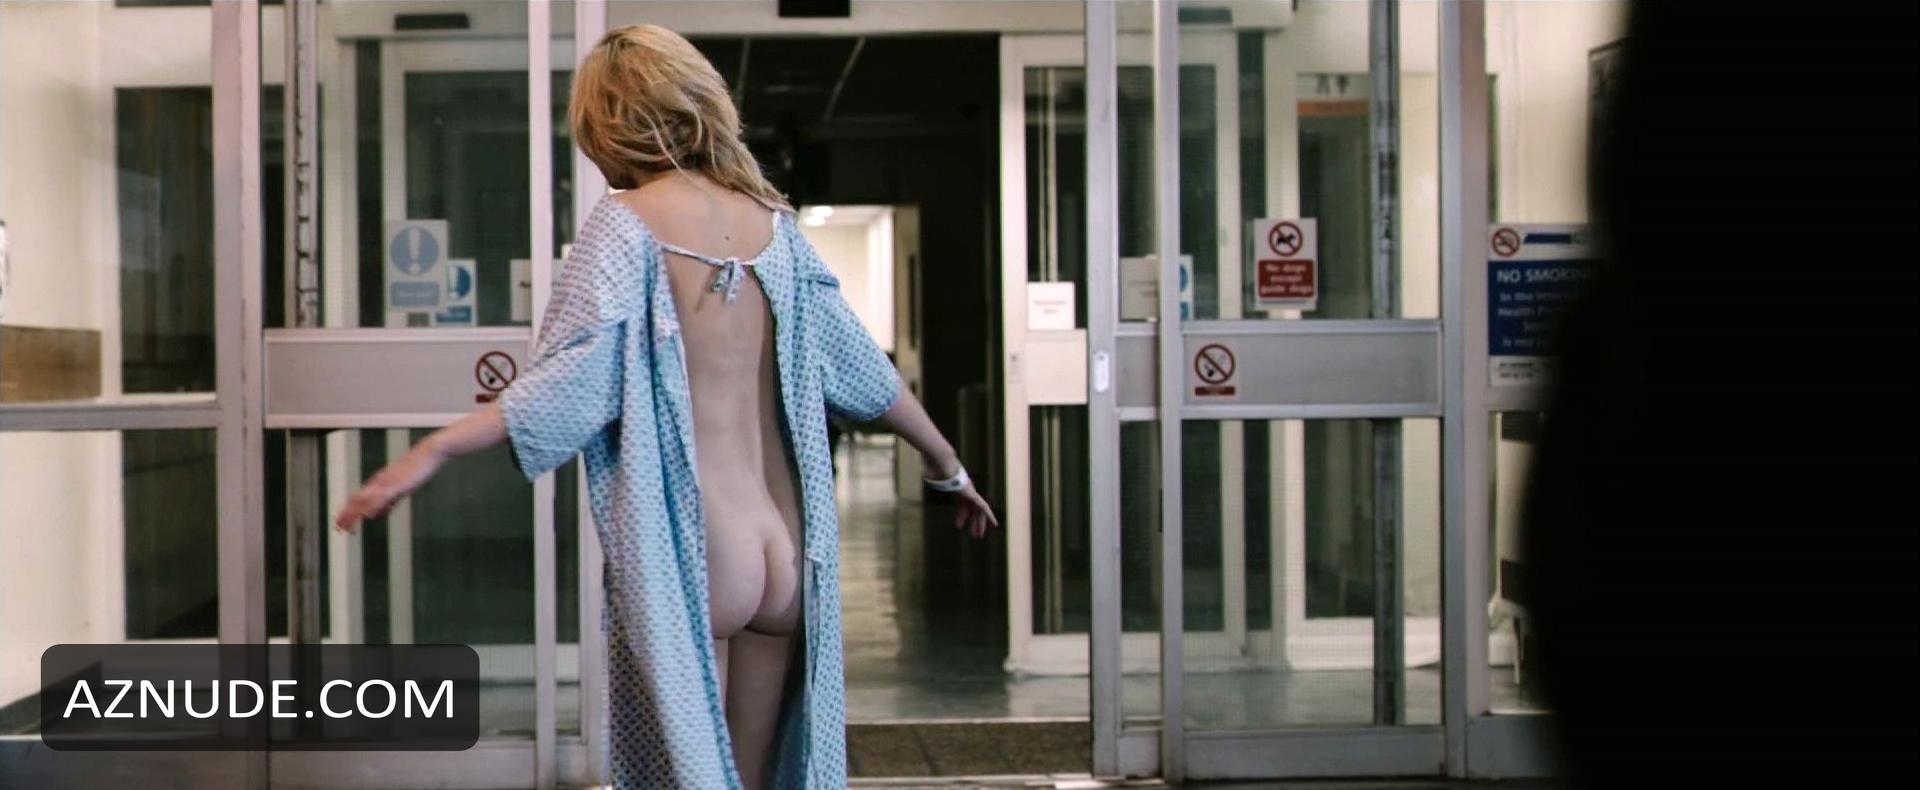 imogen poots nude